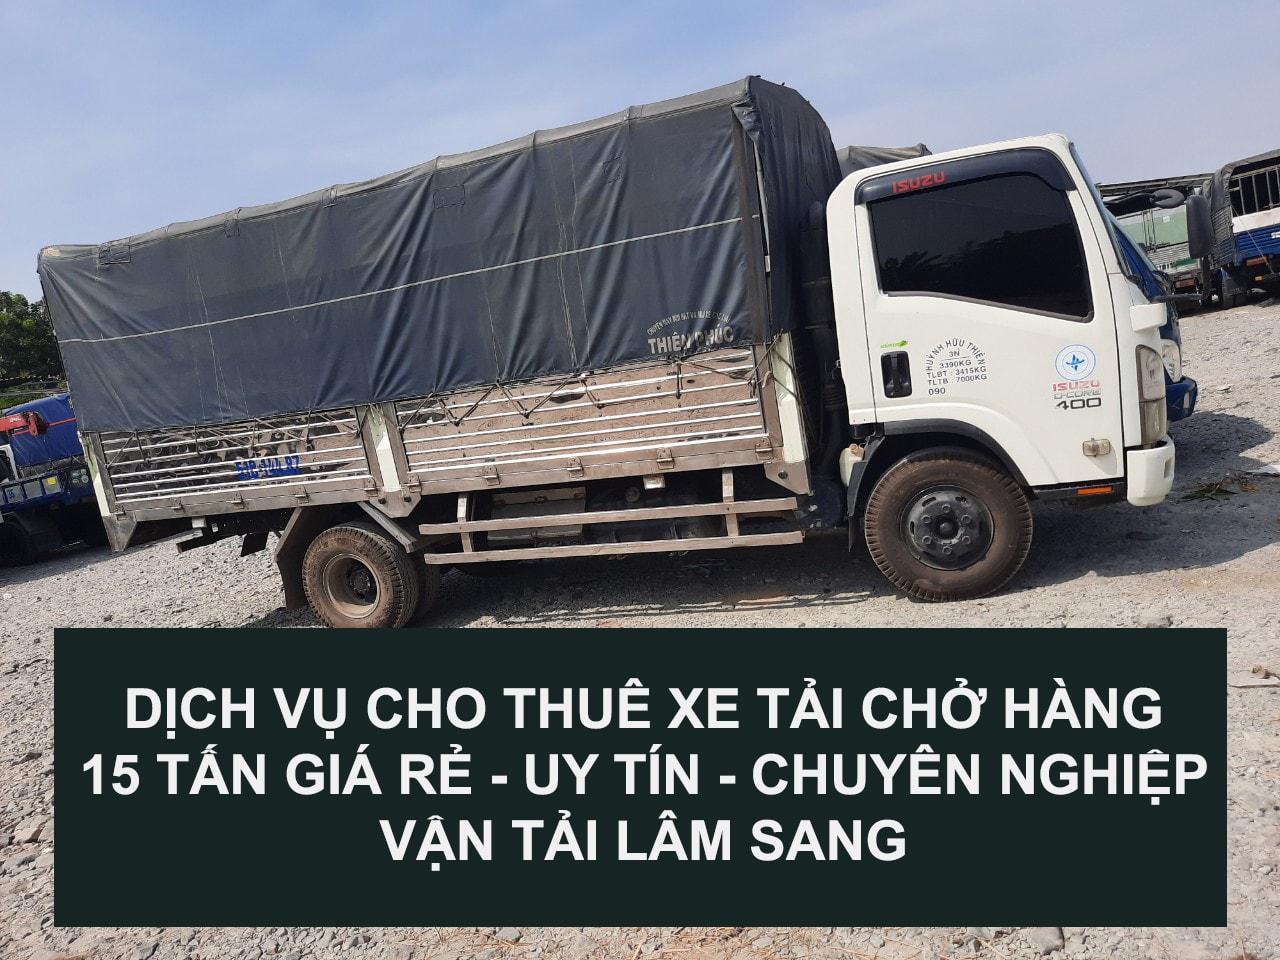 Cho thuê xe tải chở hàng 15 tấn - giá rẻ - uy tín